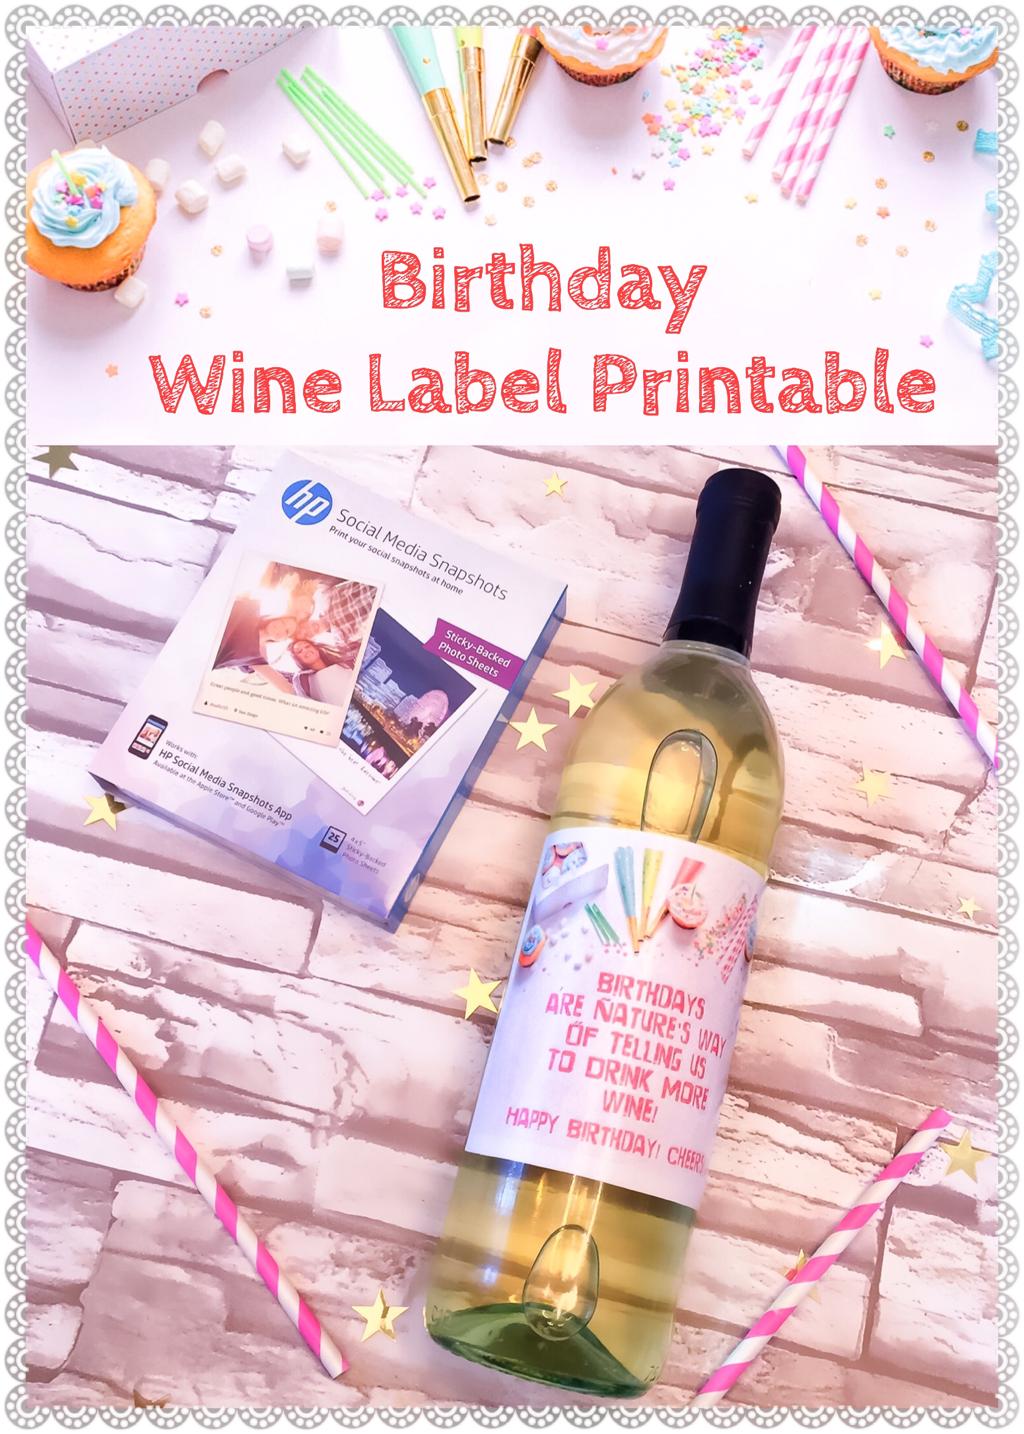 Birthday Wine Label Printable Wine Label Printable Birthday Wine Label Birthday Wine Labels Printable